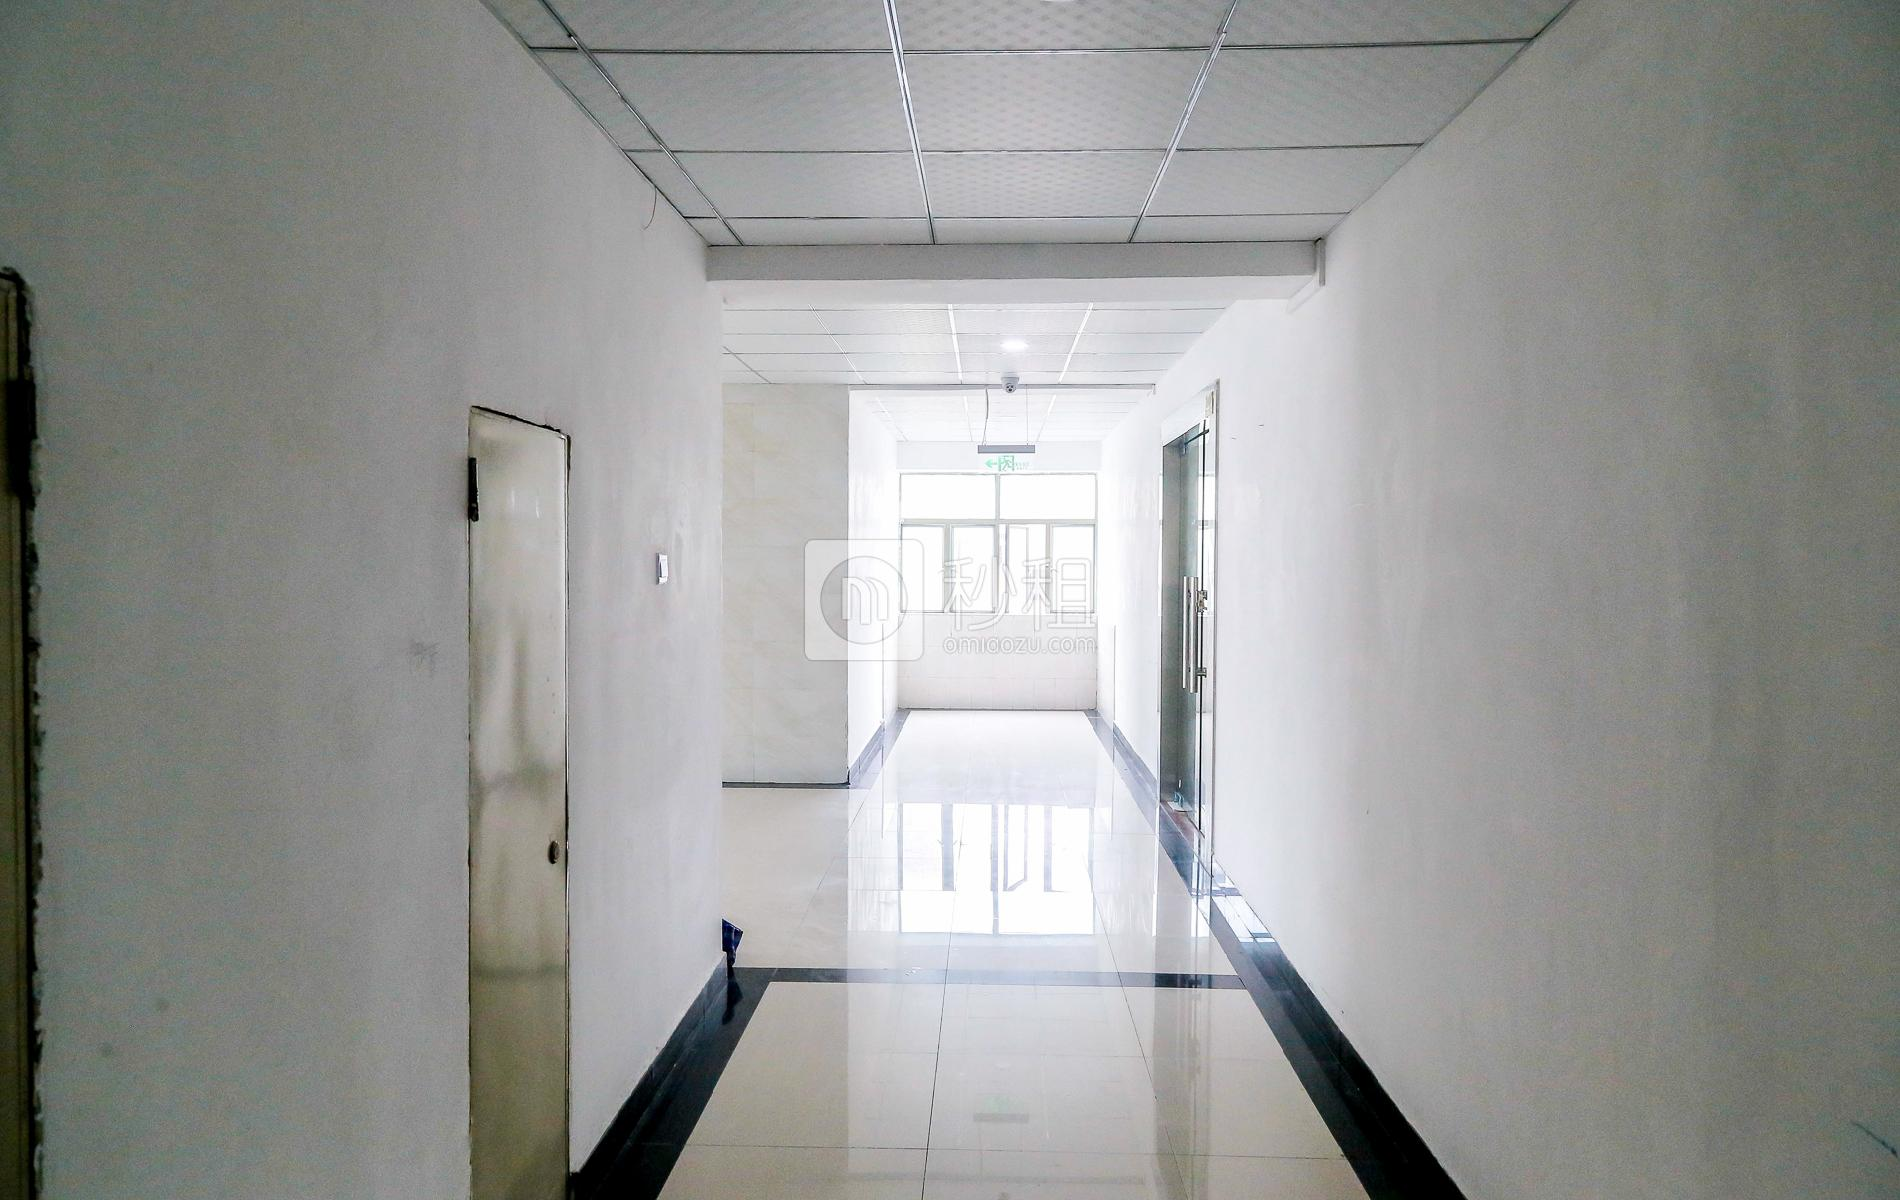 东环创客电商园写字楼出租/招租/租赁,东环创客电商园办公室出租/招租/租赁